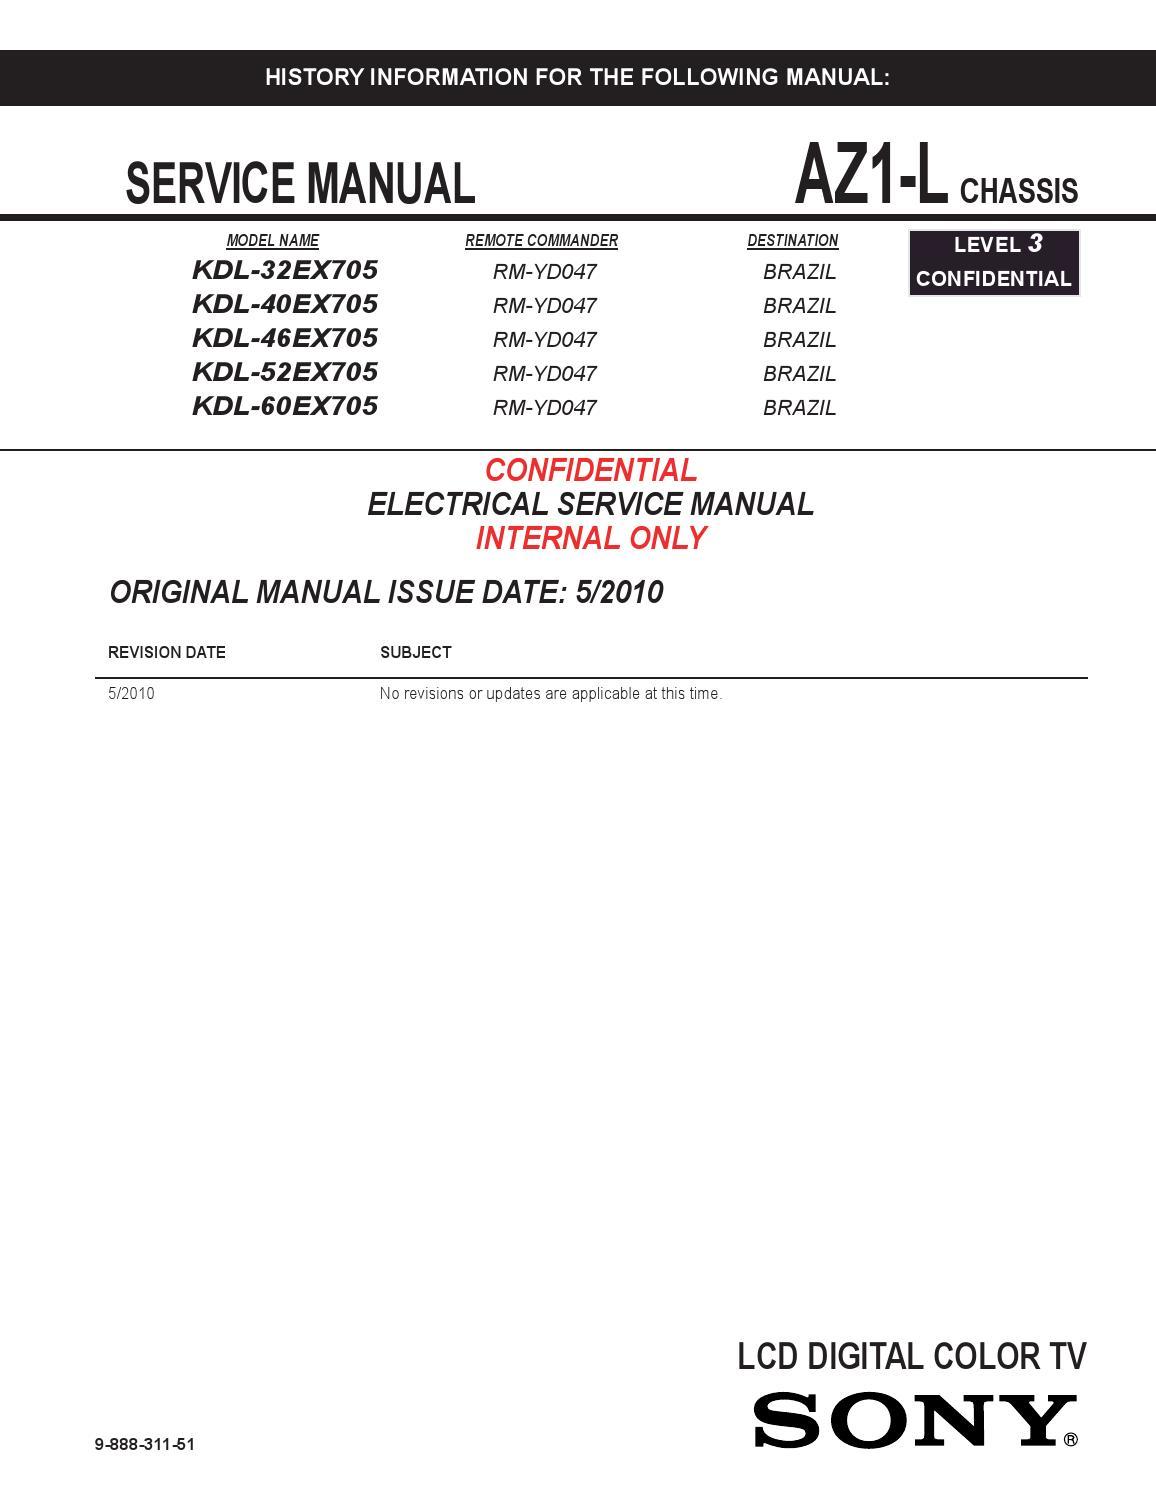 Manual De Servi U00e7o Tvs Sony Modelos Kdl 32ex705 Kdl 40ex705